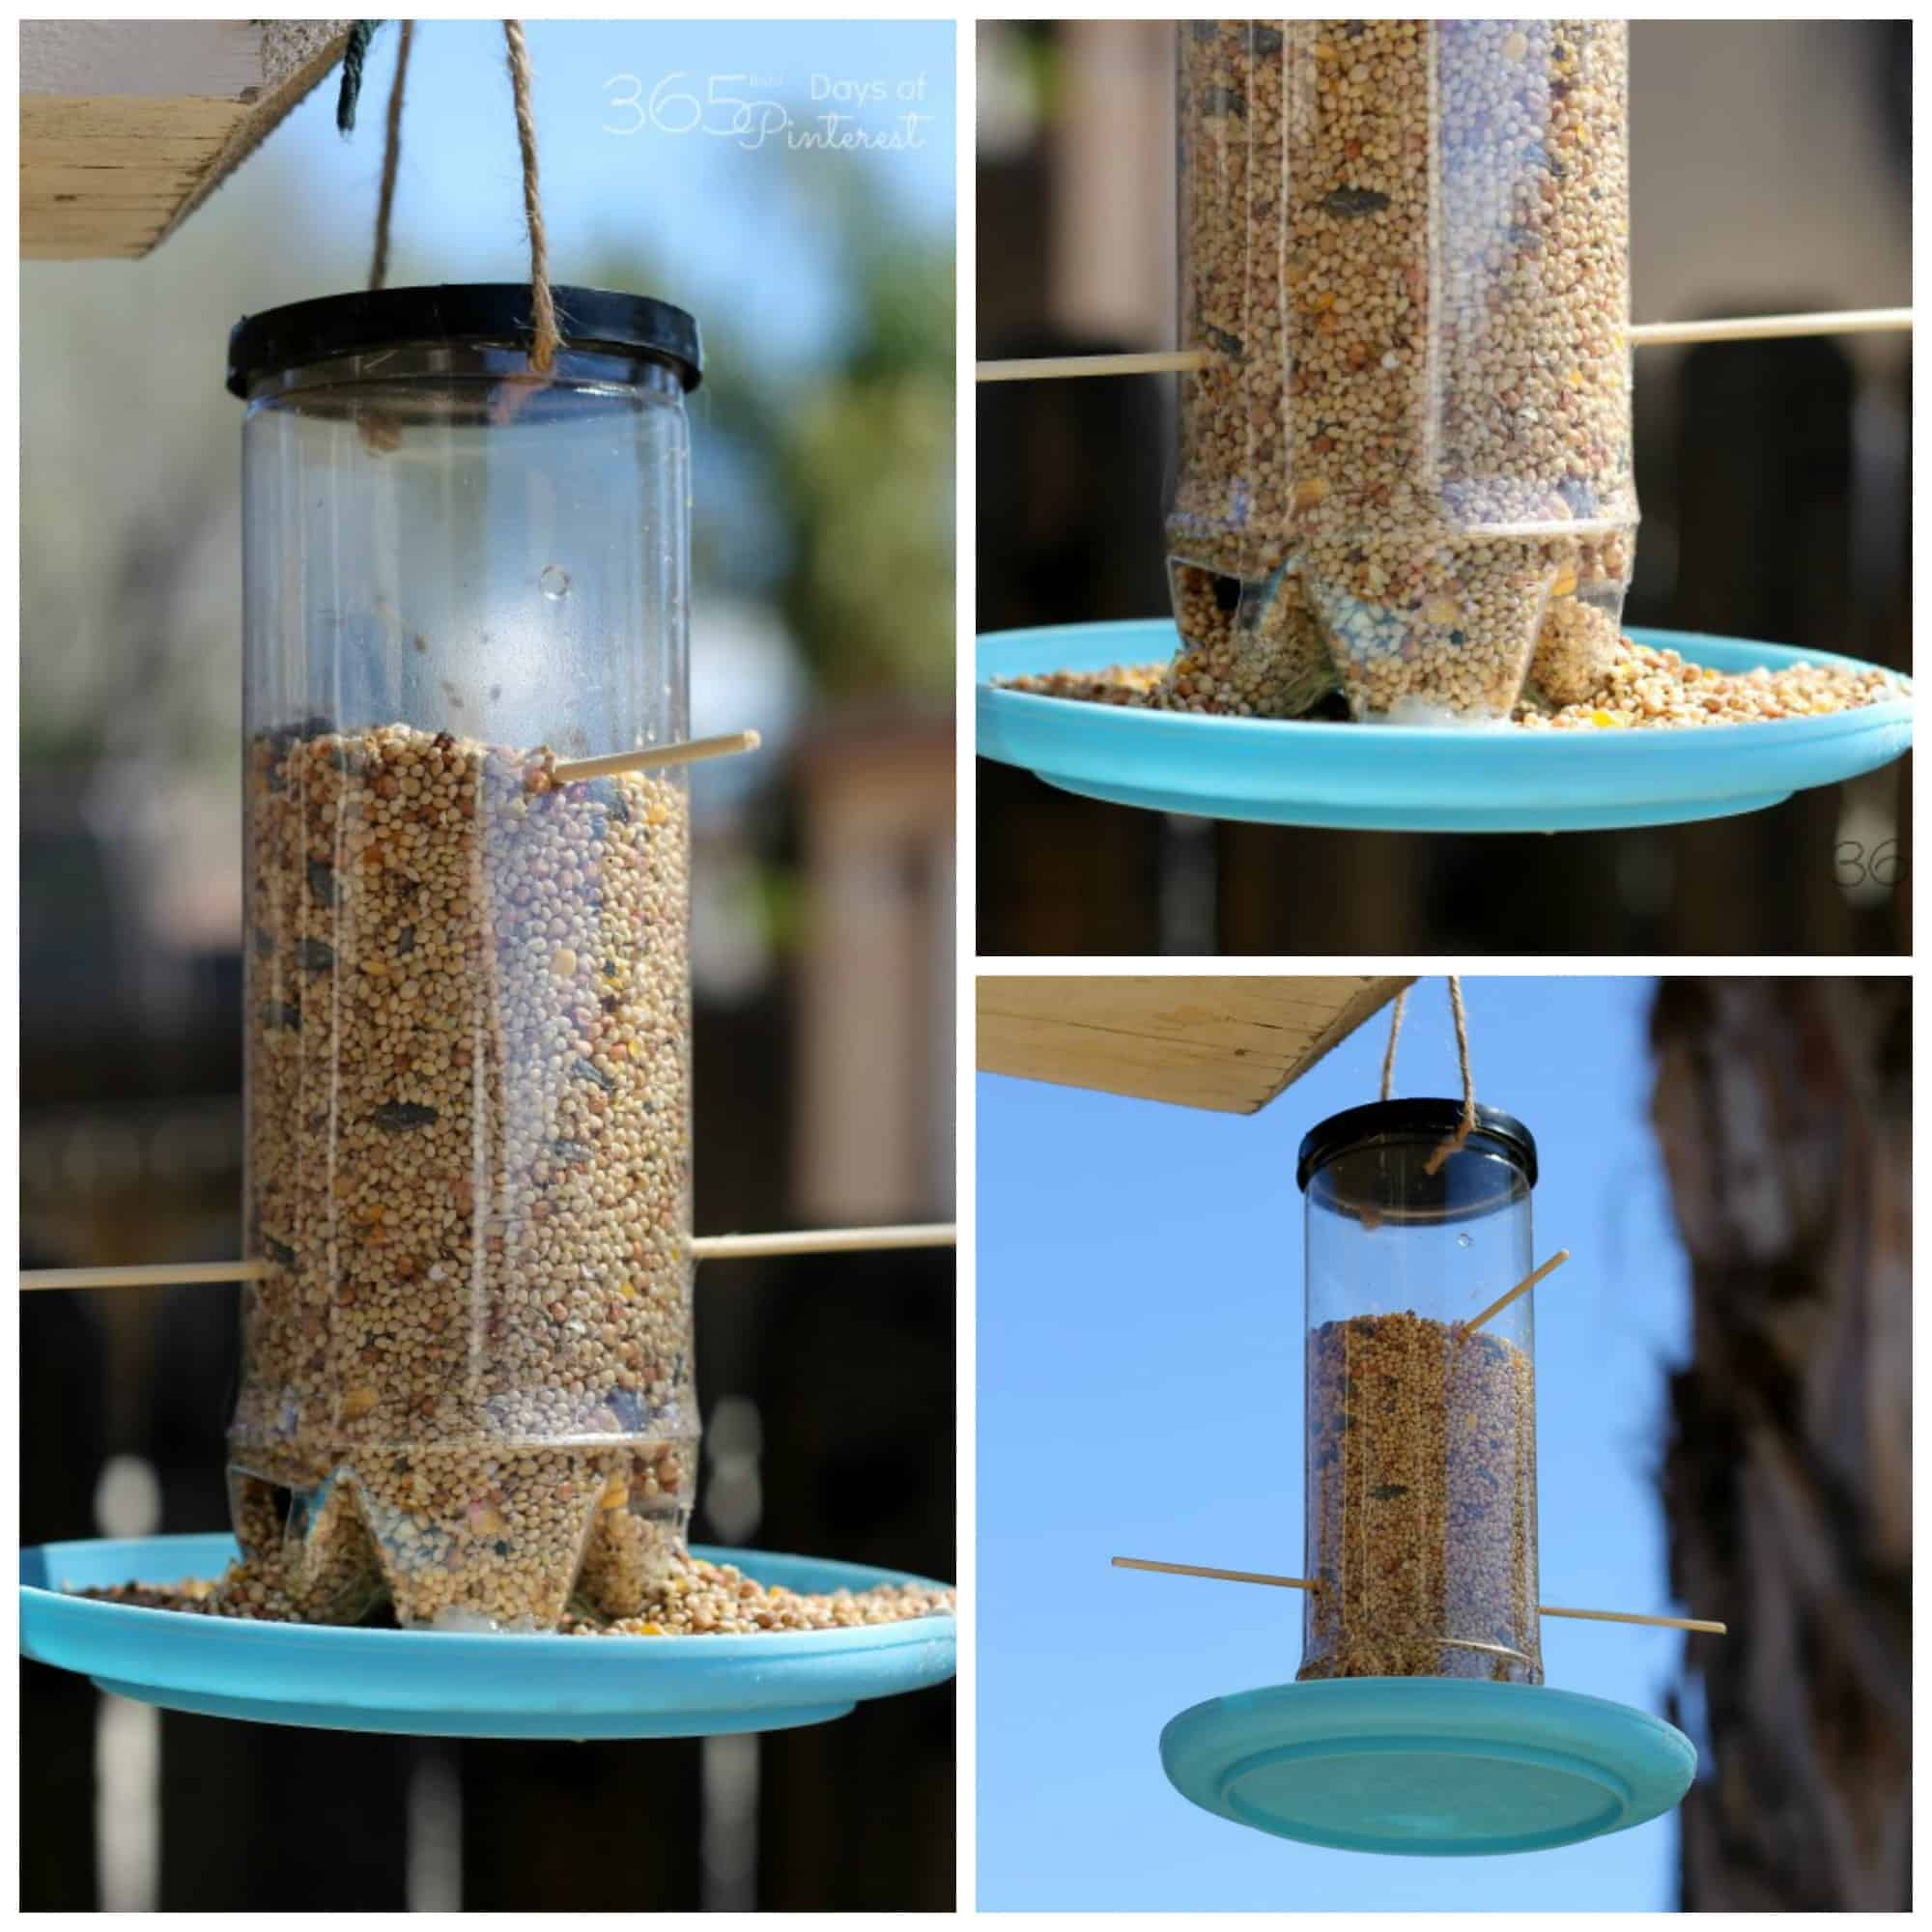 collage image of home made bird feeder using an empty tennis ball carton